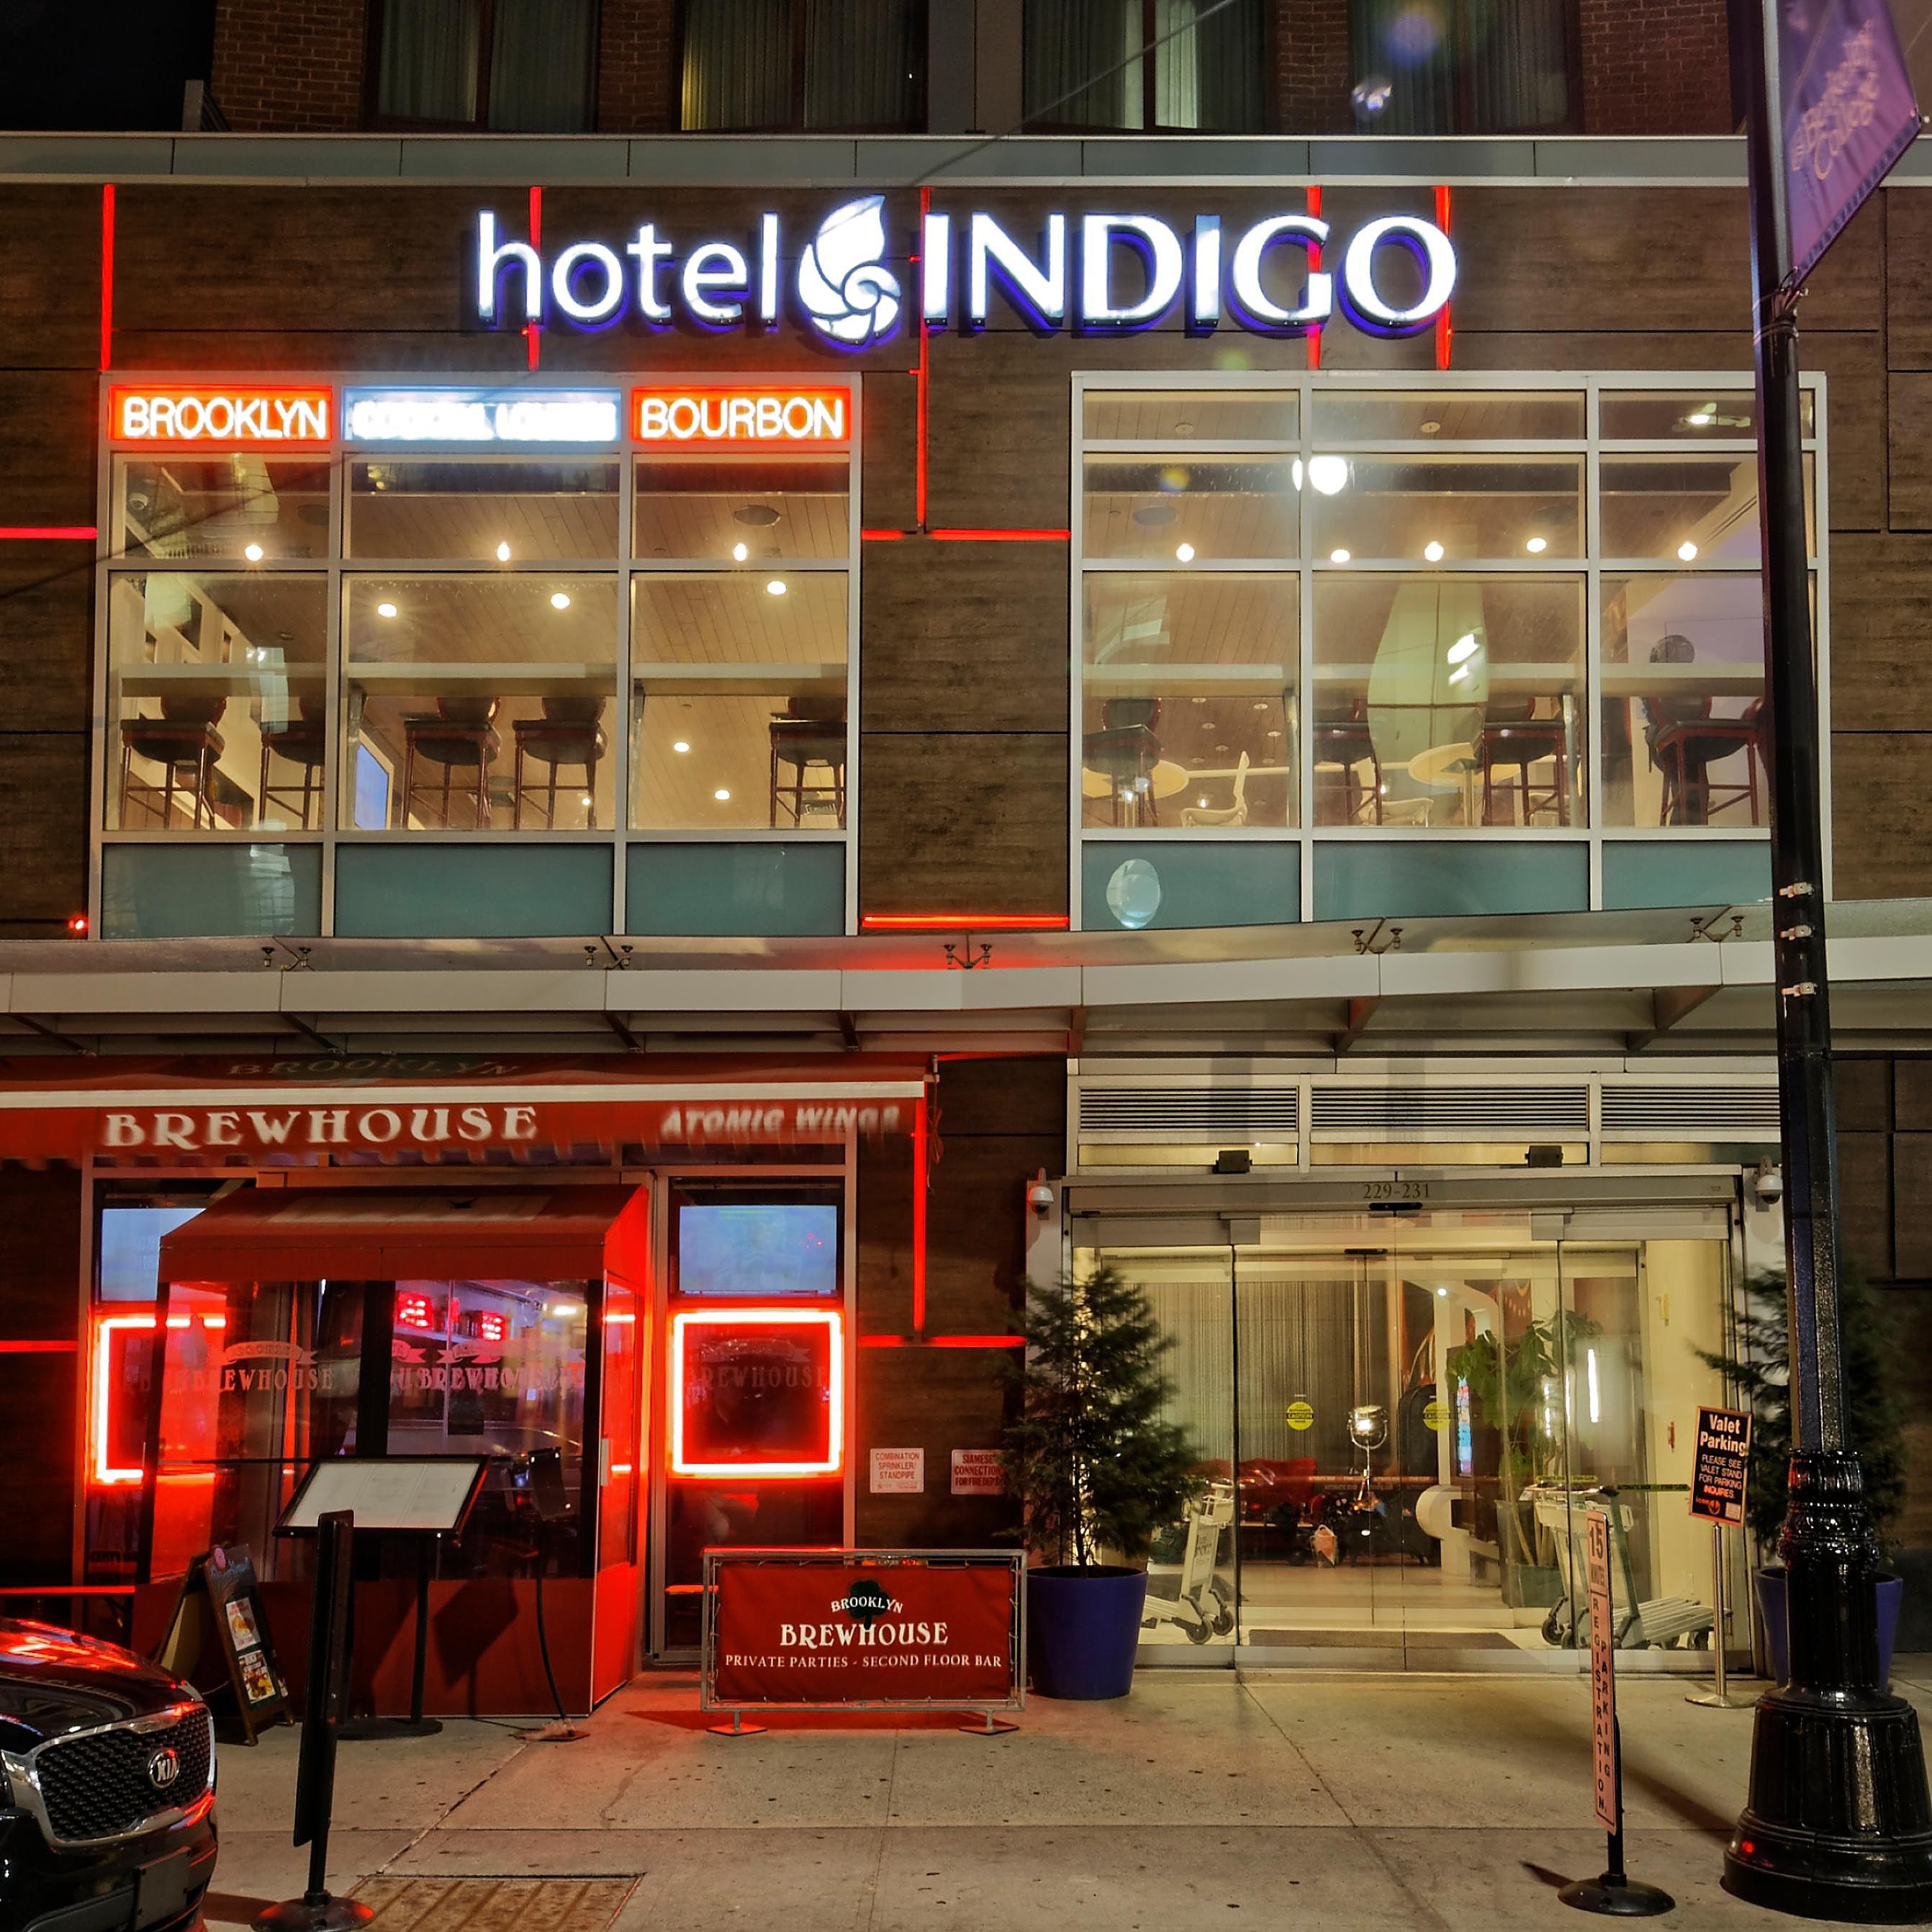 Boutique Hotels in Downtown Brooklyn NYC | Hotel Indigo Brooklyn